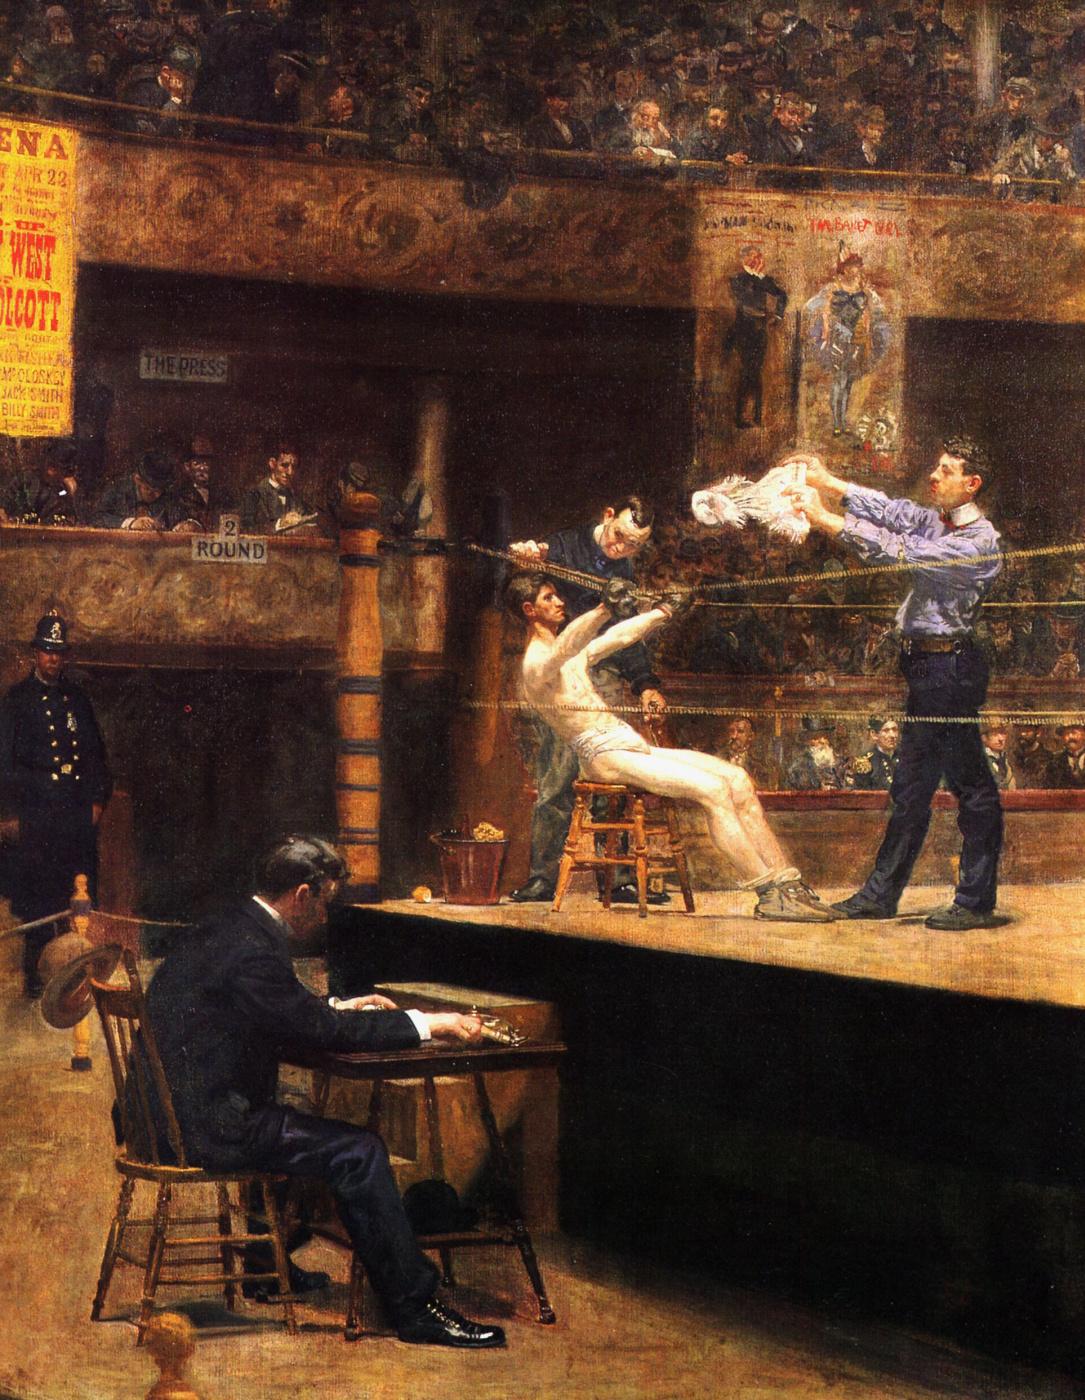 Thomas Eakins. Between rounds